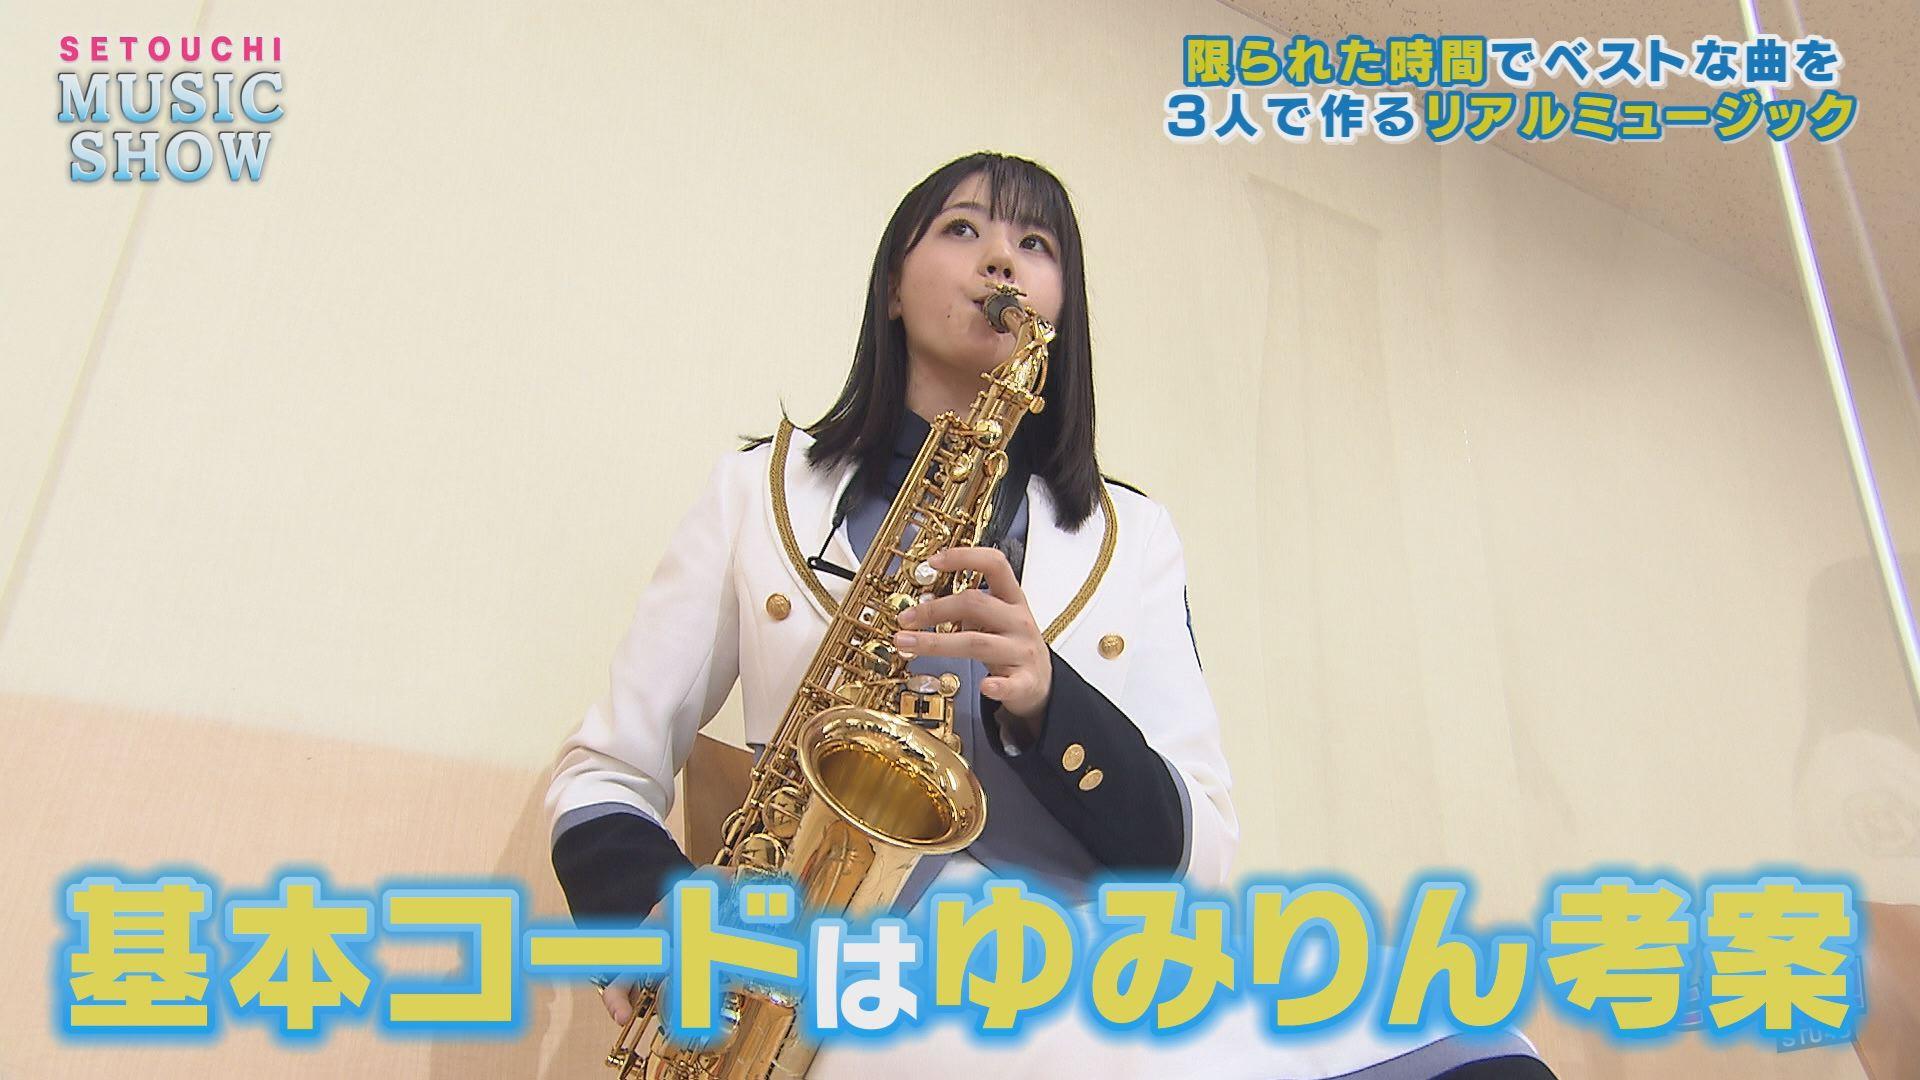 演奏担当・瀧野由美子が基本コードを考案する